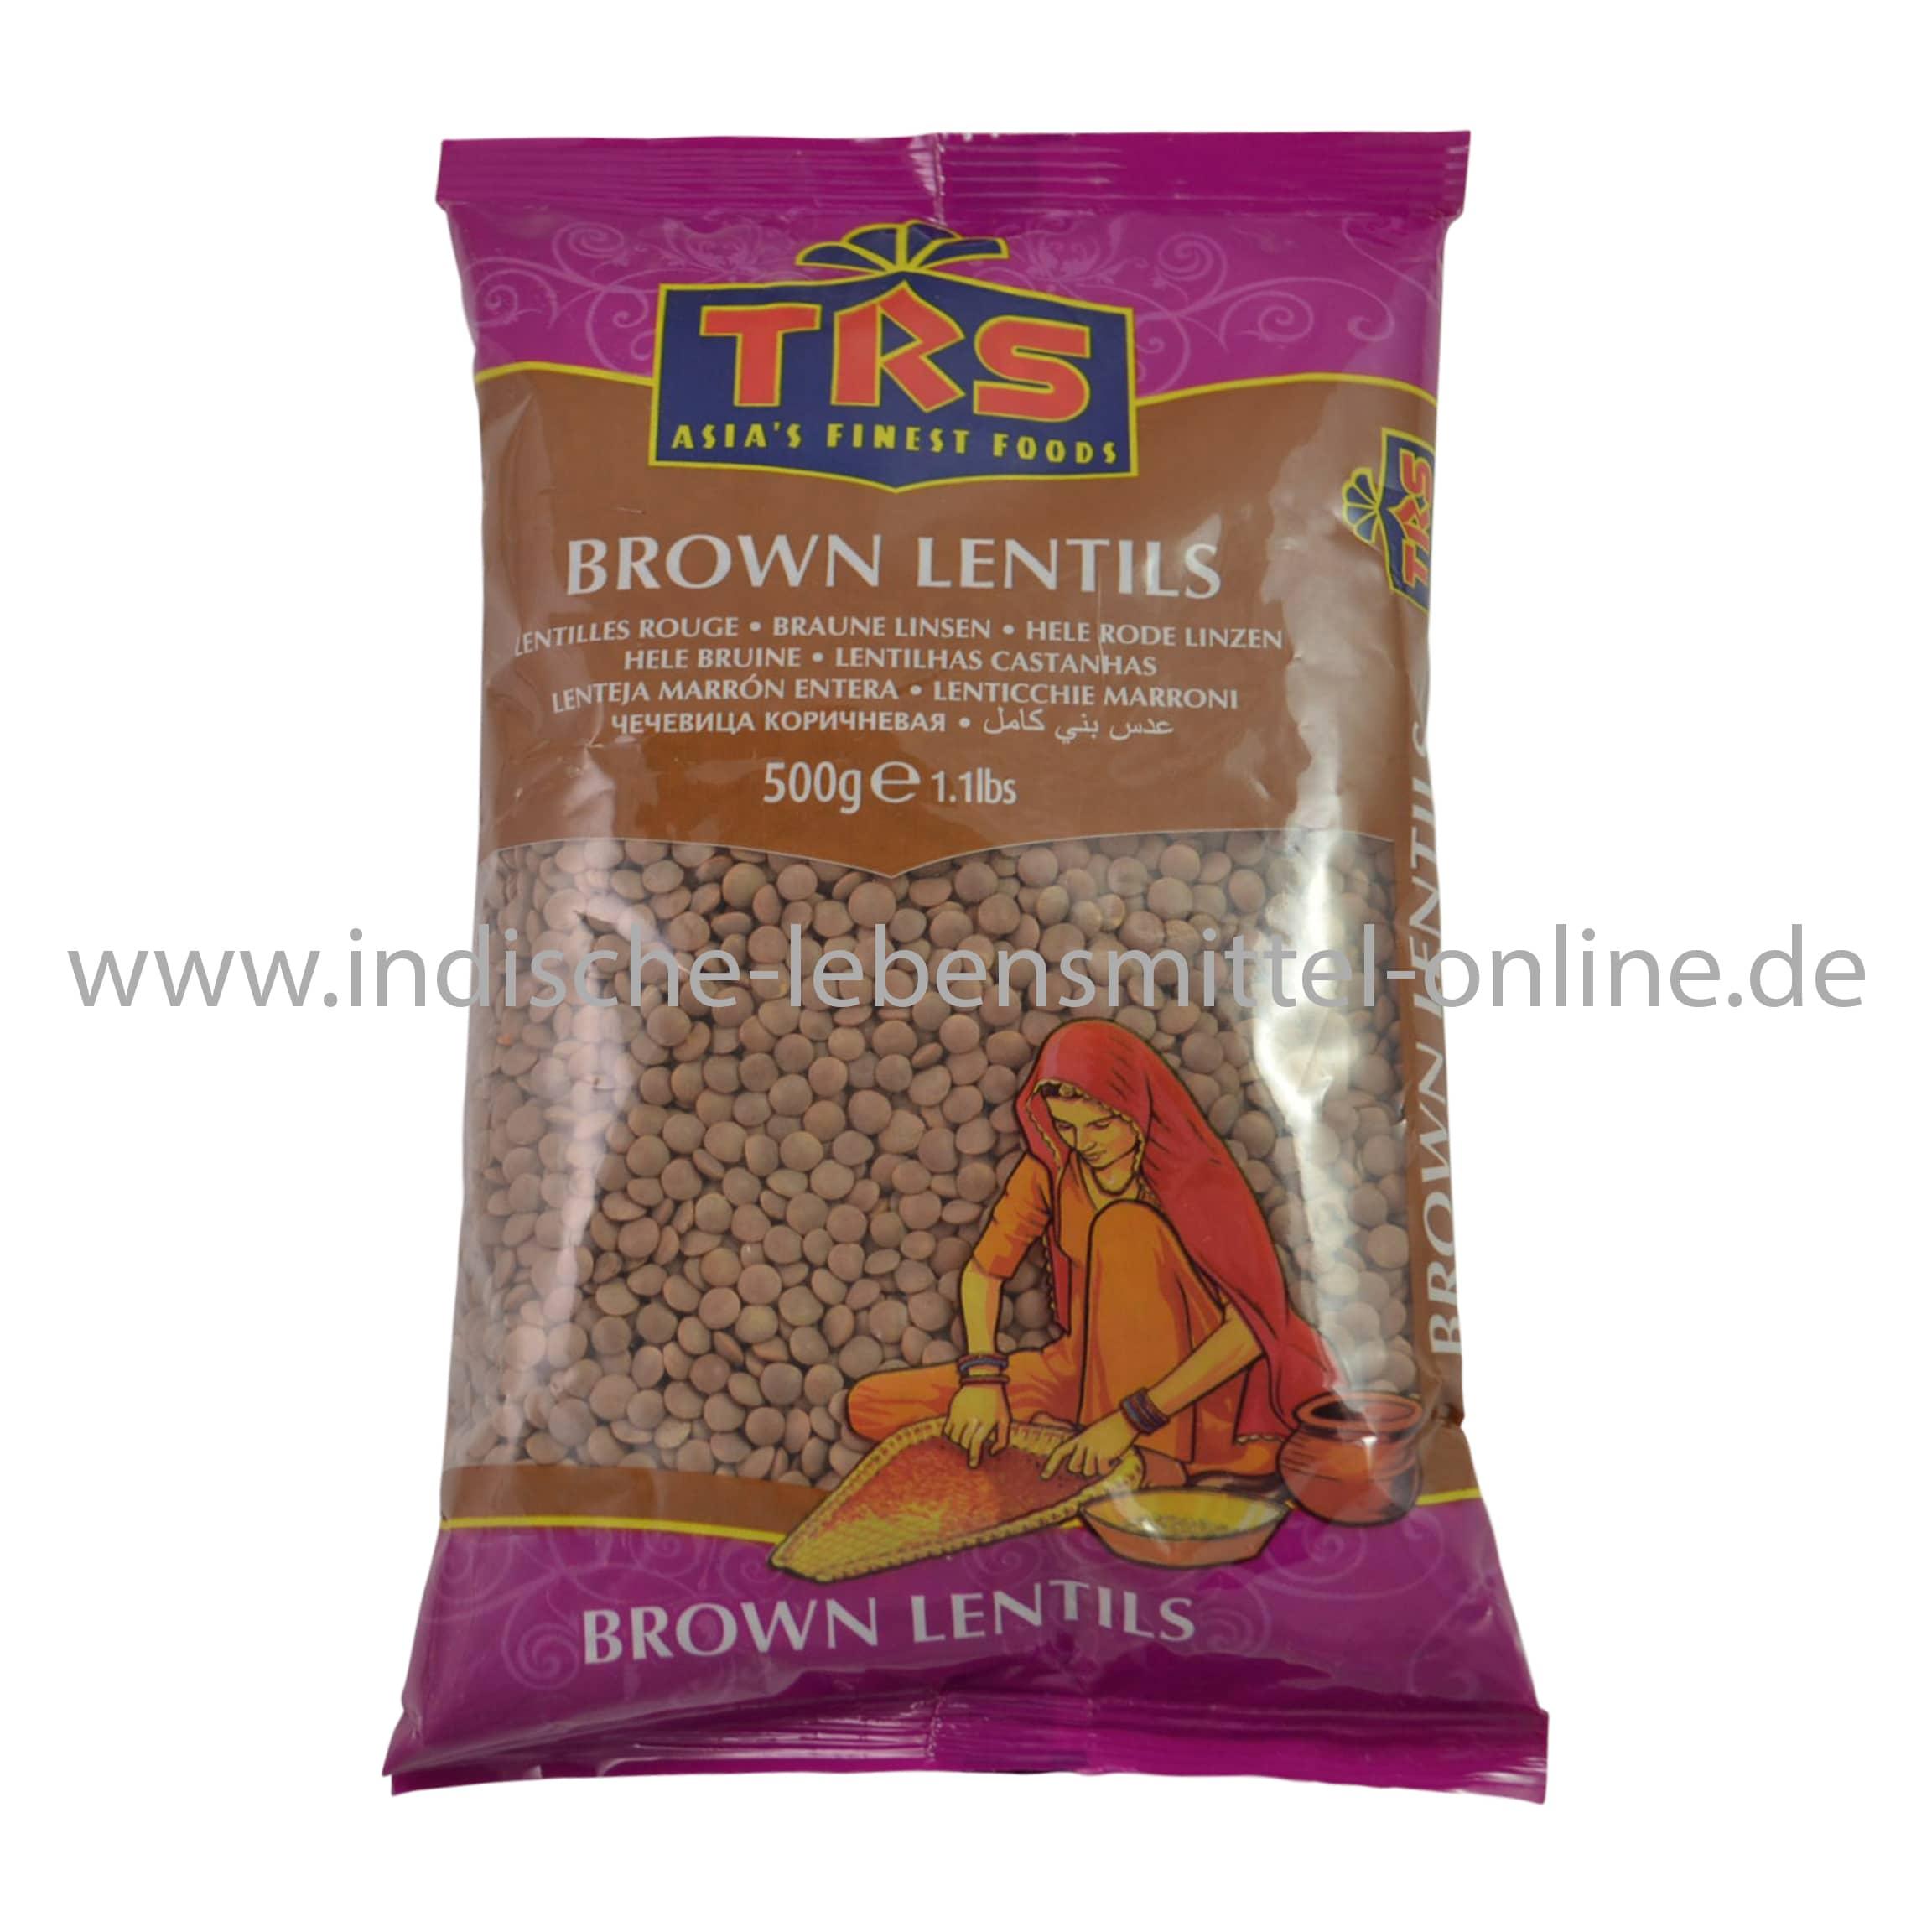 braune-linsen-brown-lentils-trs